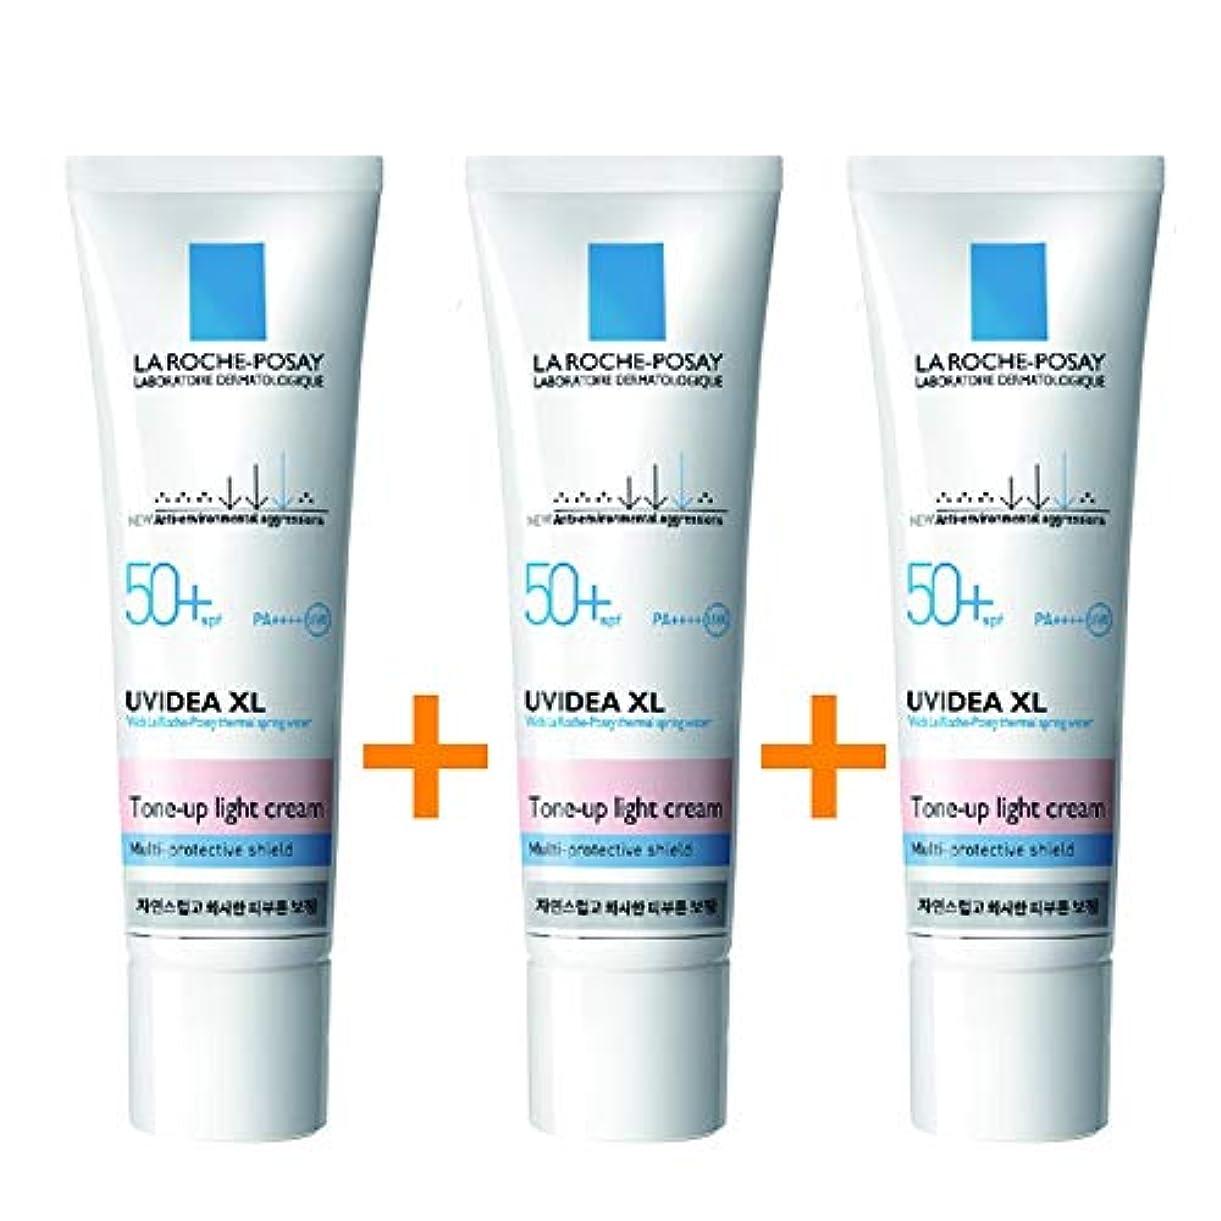 ミリメーターカリキュラム映画[3個セット] La Roche-Posay ラロッシュポゼ UVイデア XL プロテクショントーンアップ Uvidea XL Tone-up Light Cream (30ml)